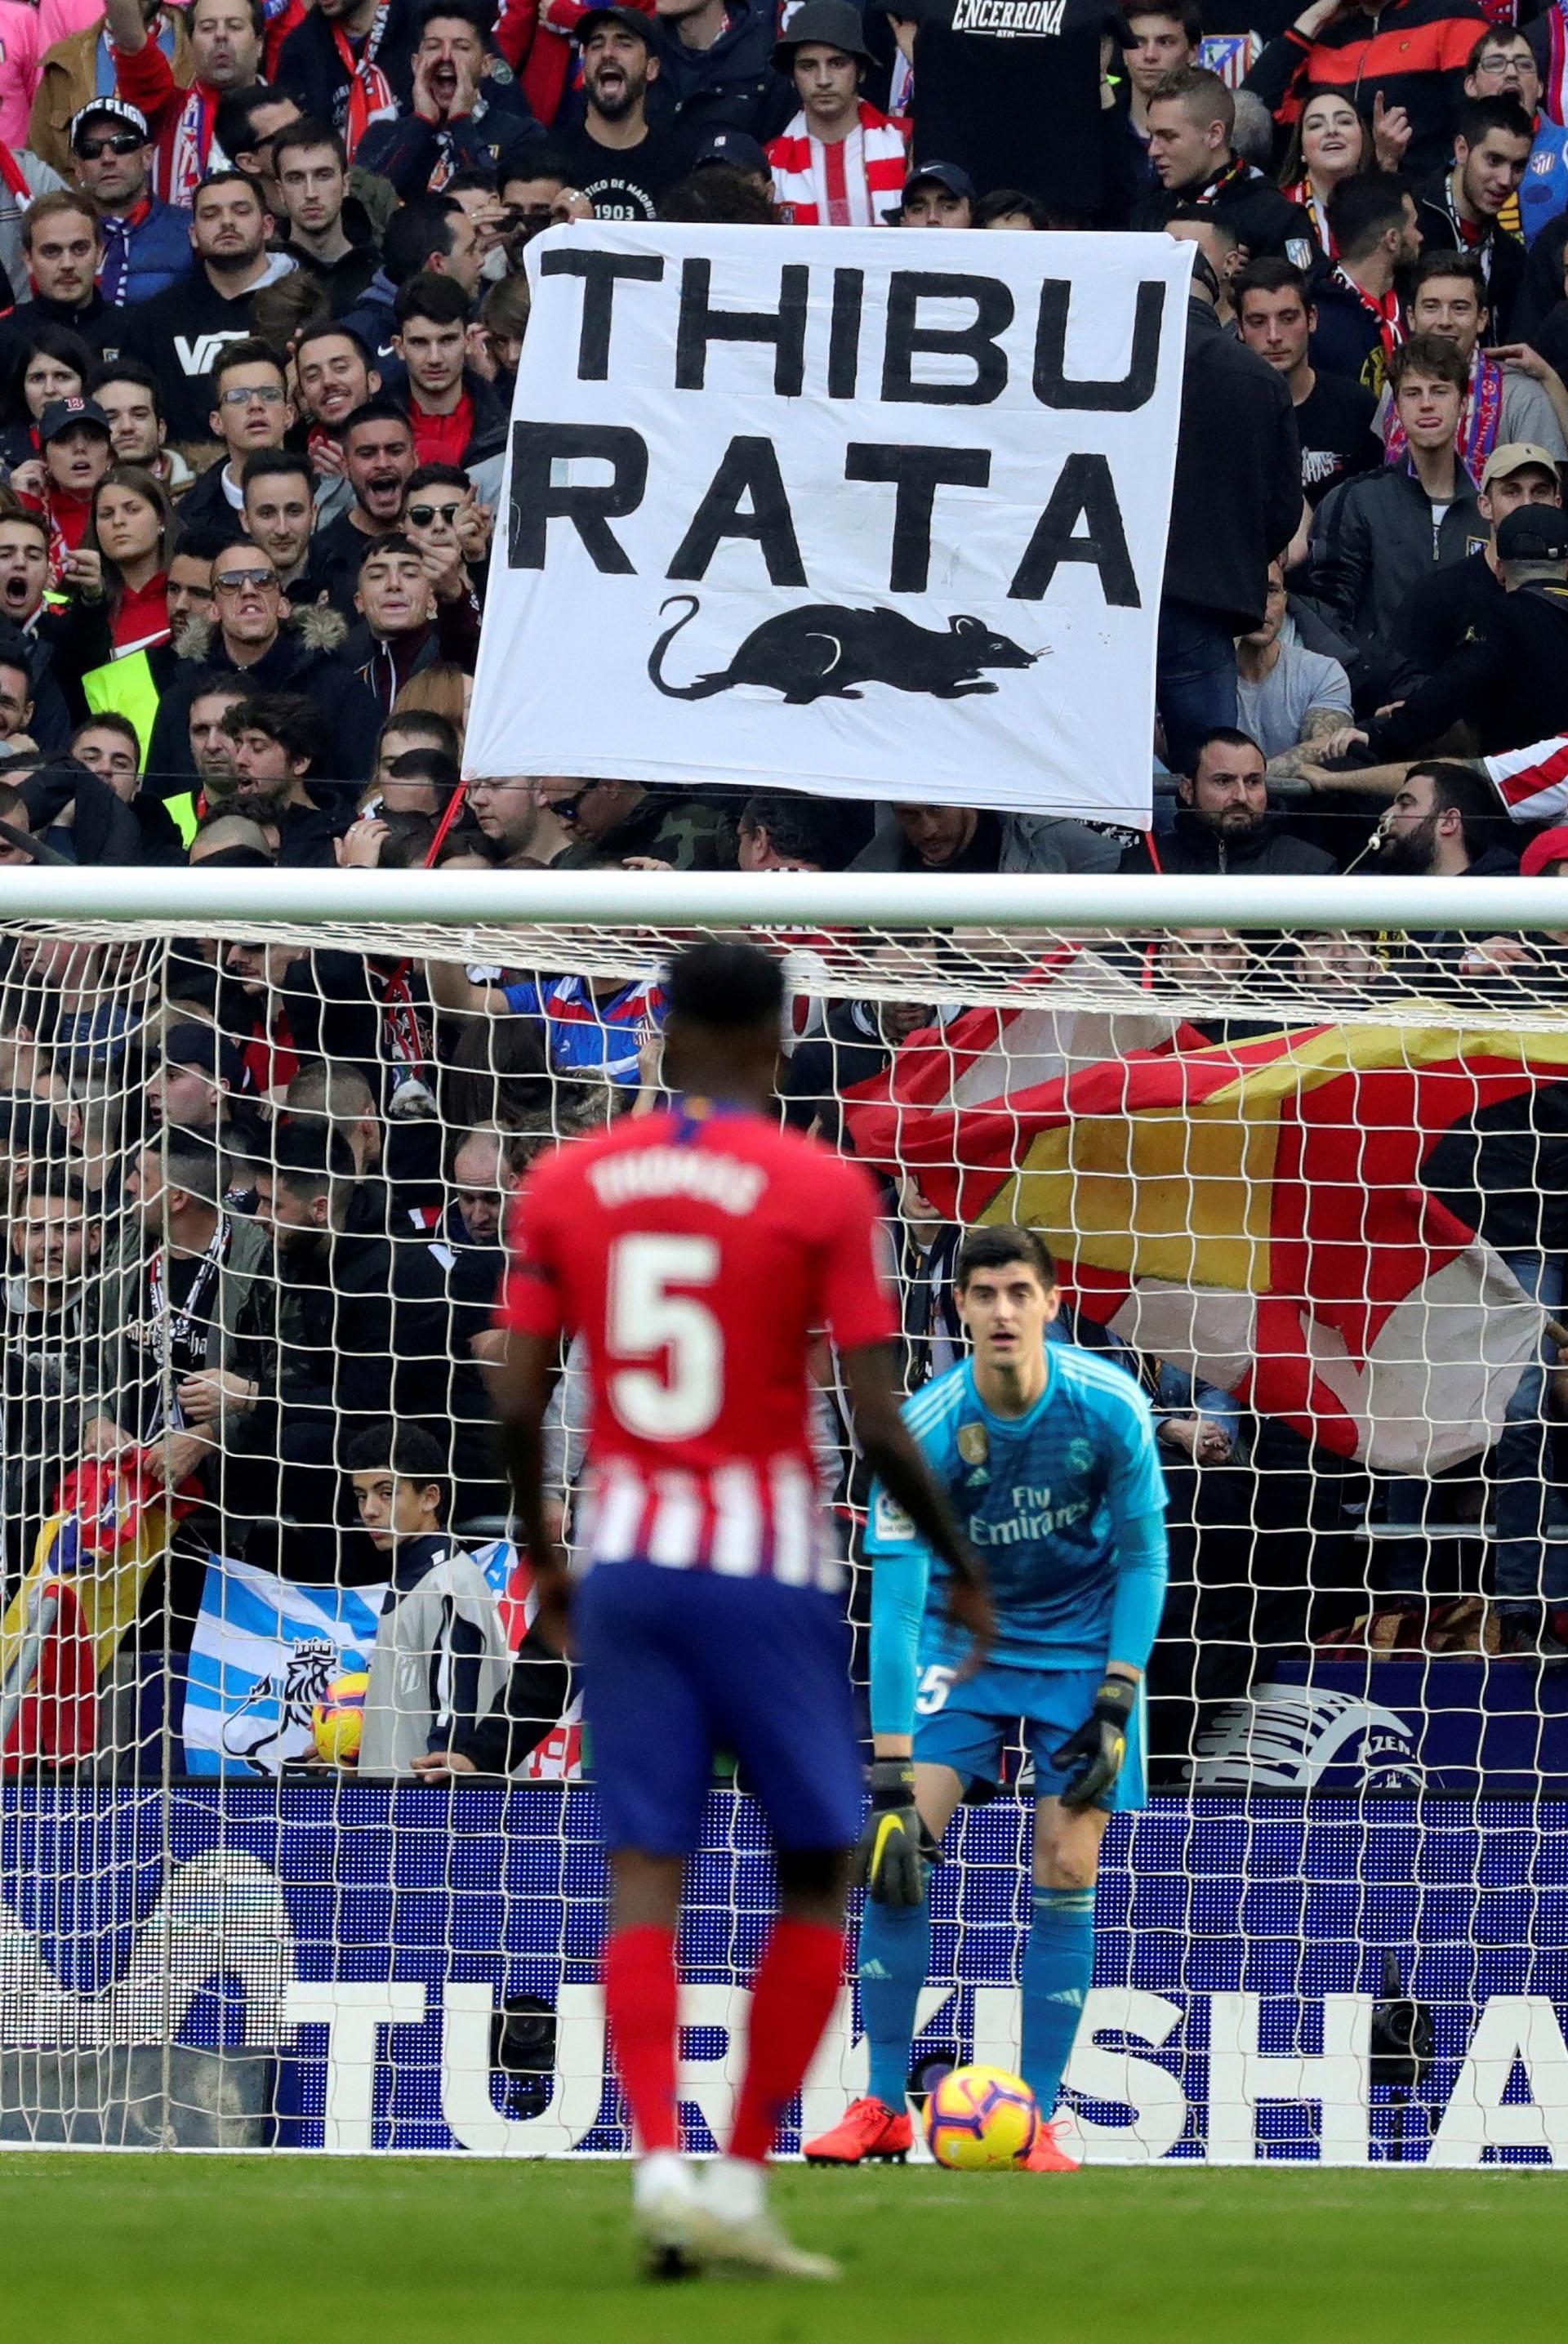 Una bandera en contra de Thibaut Courtois en las gradas del Wanda Metropolitano (EFE)